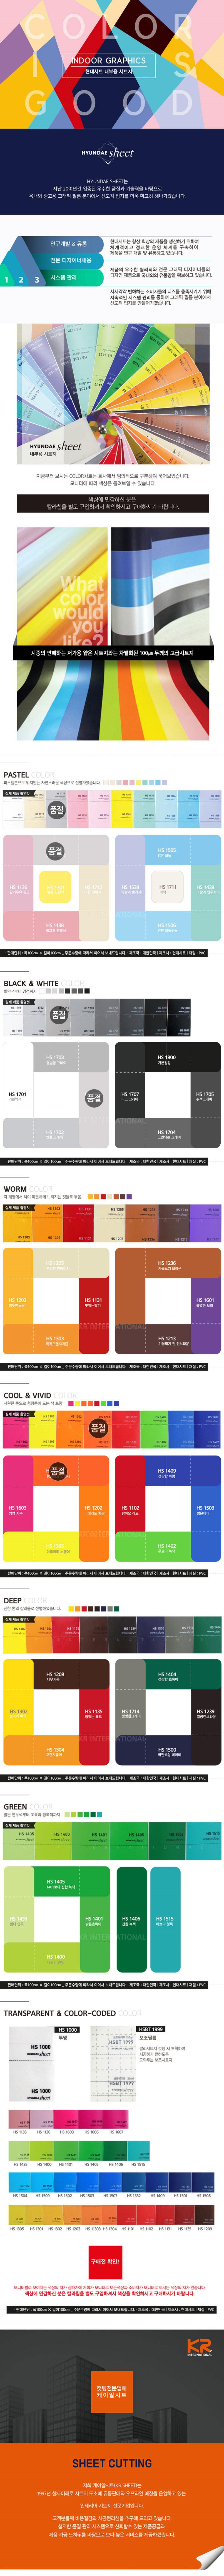 현대시트 칼라 시트지 광고용 그래픽 필름 투명 보조시트 - 케이알인터내셔날, 700원, 벽시/시트지, 디자인 시트지